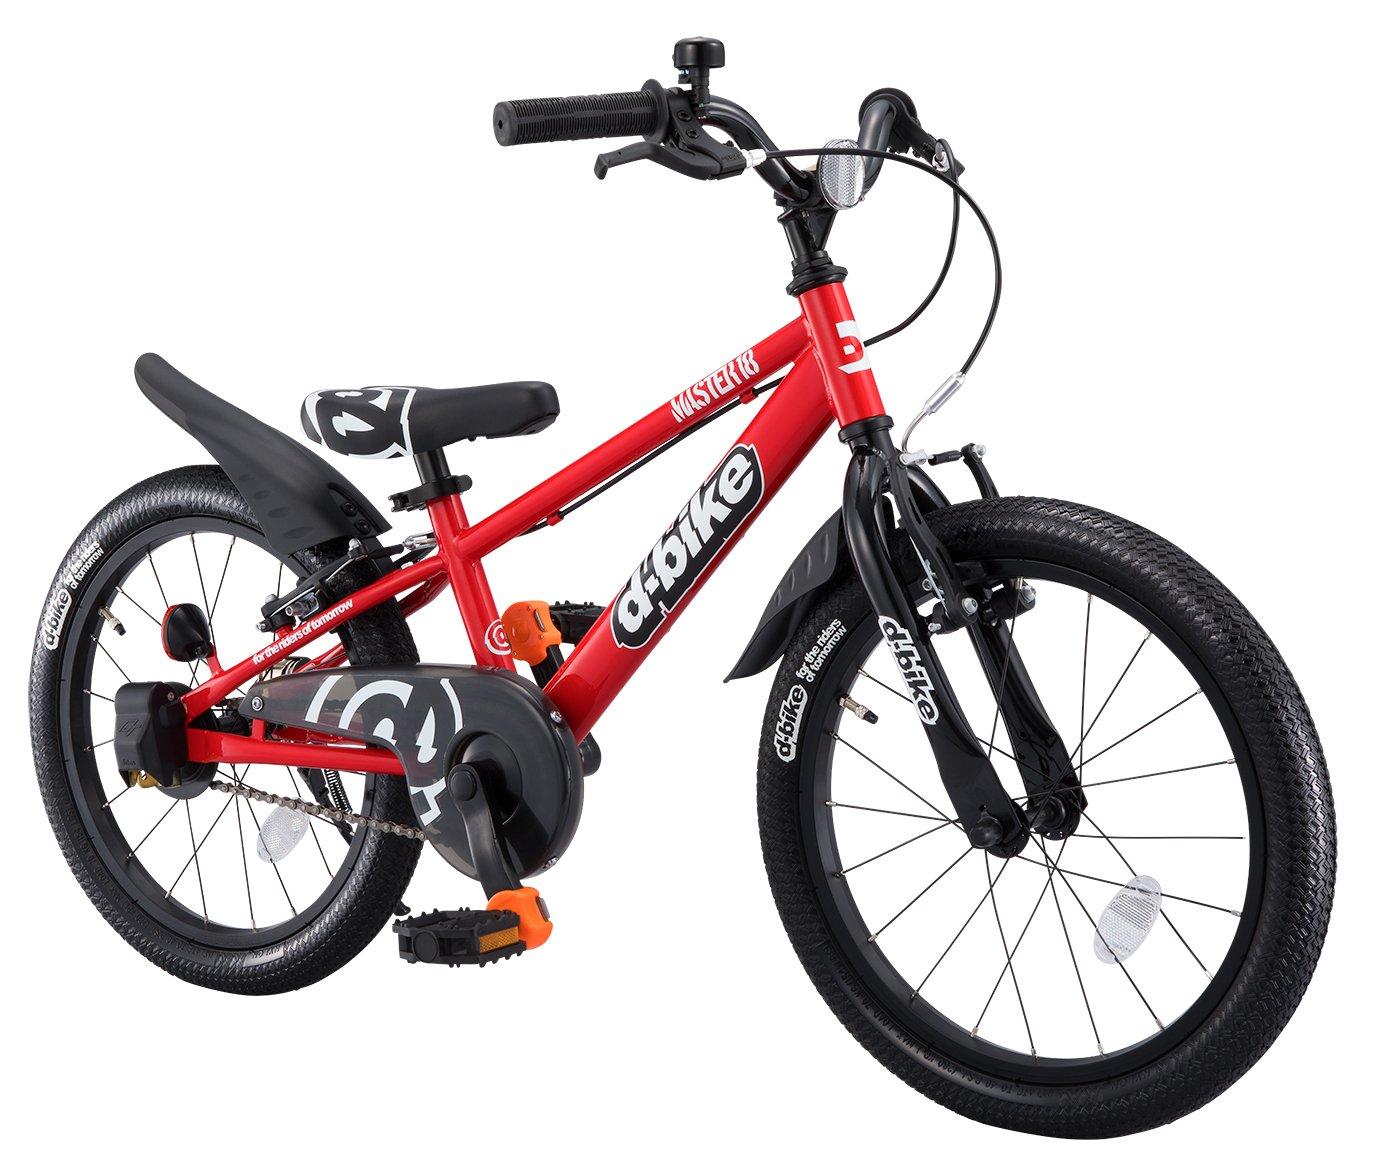 IDES(アイデス) D-Bike MASTER16/18V ディーバイクマスター B07C2DCDFS 16|レッド|本体 レッド 16